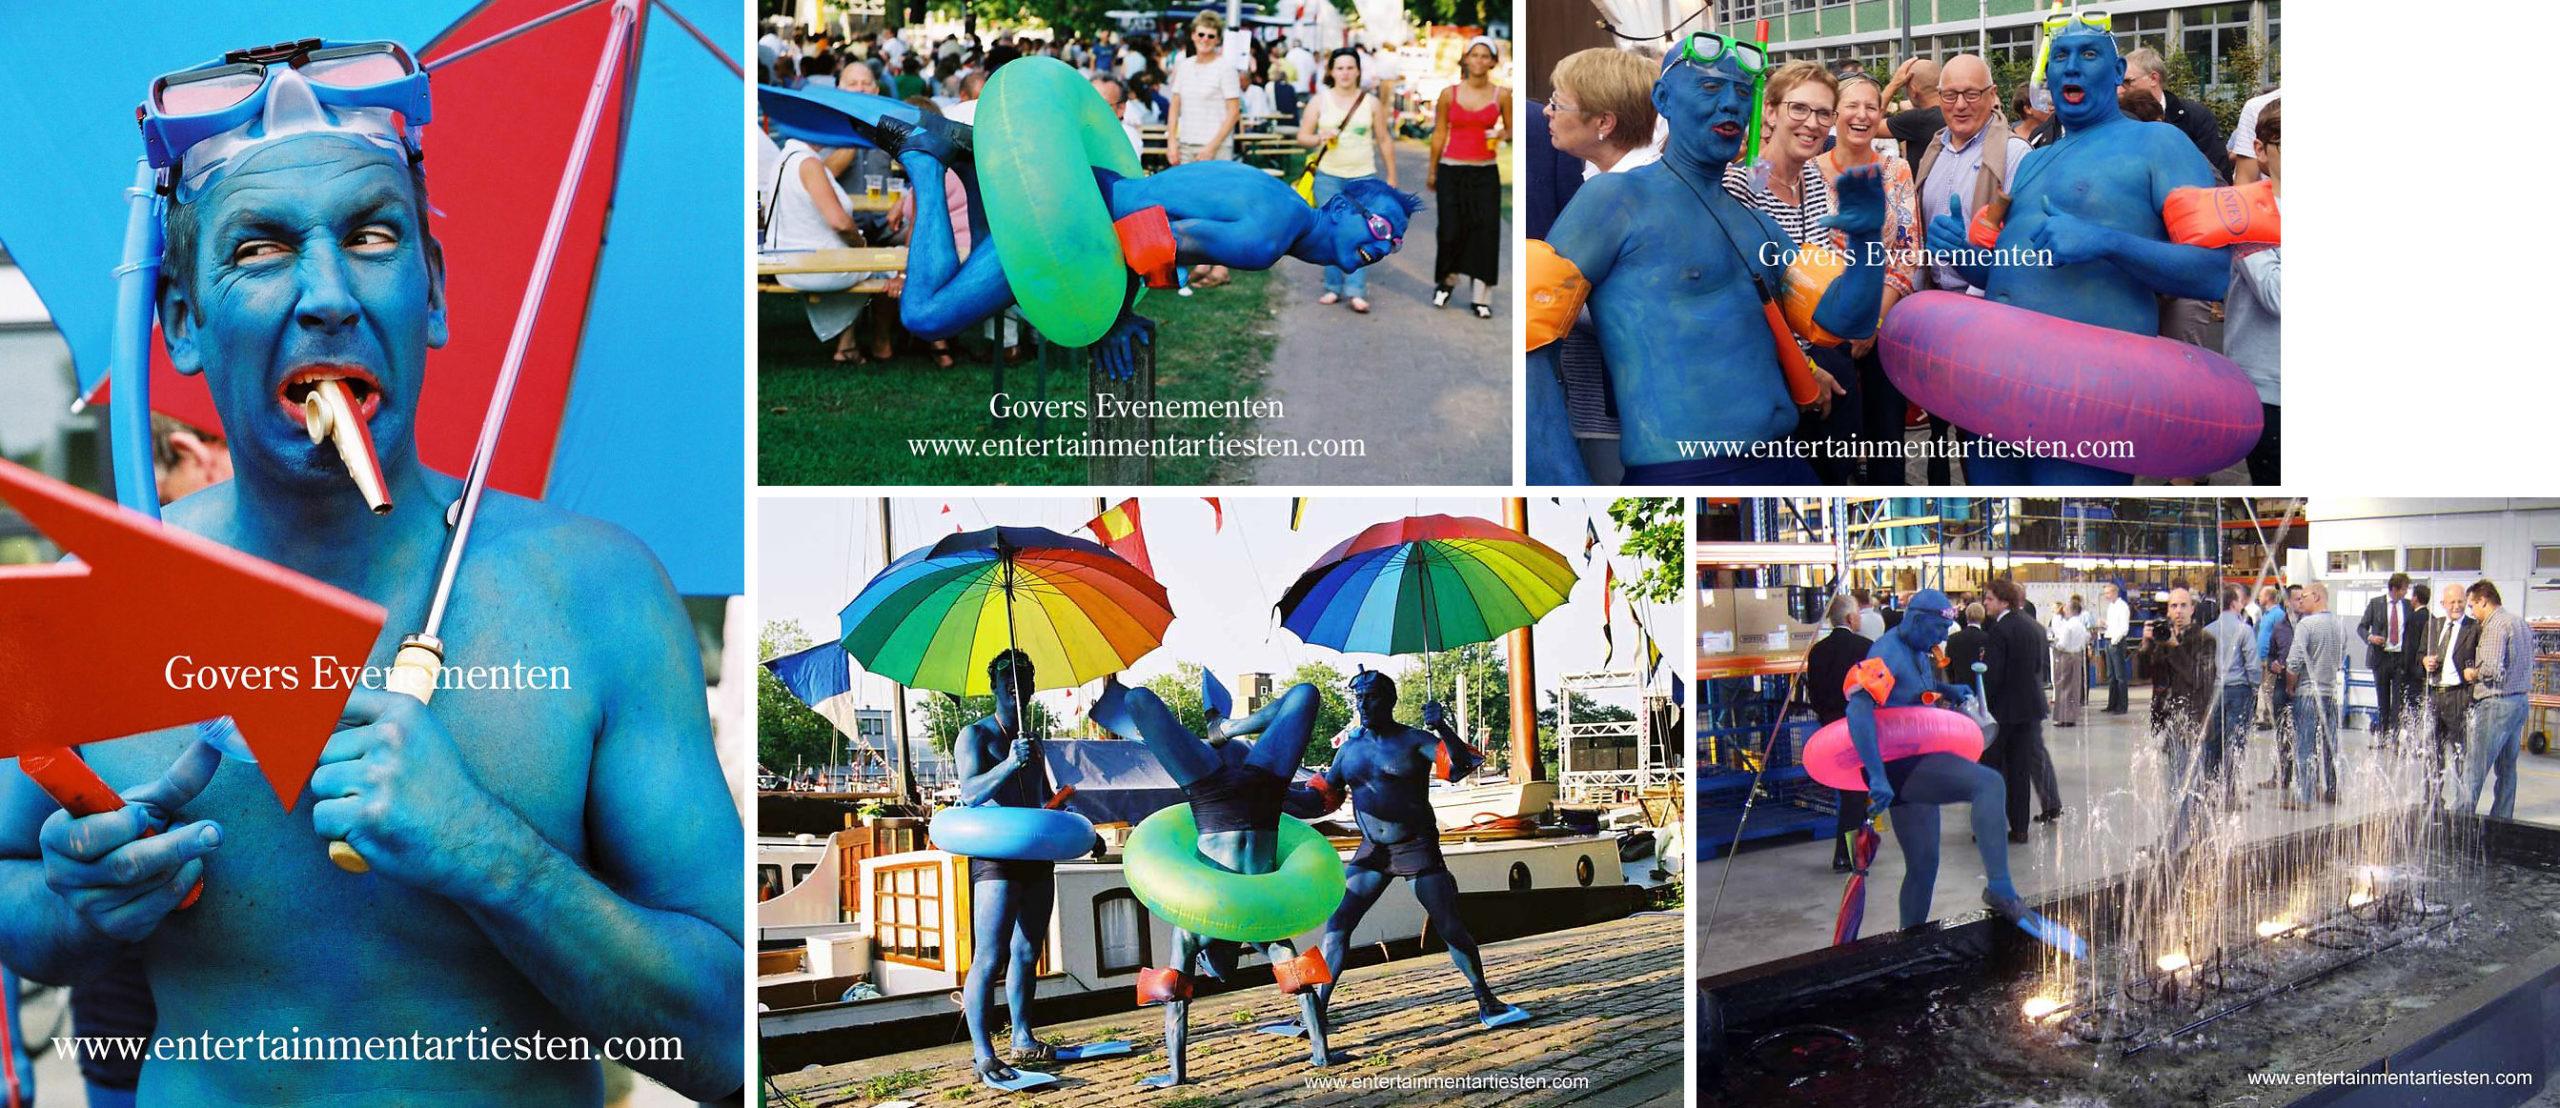 Straatheater, Zeevolk, water, theater, festival, artiesten, zeehelden, havendagen, Govers Evenementen, theaterfestival, humor op straat, www.goversartiesten.nl